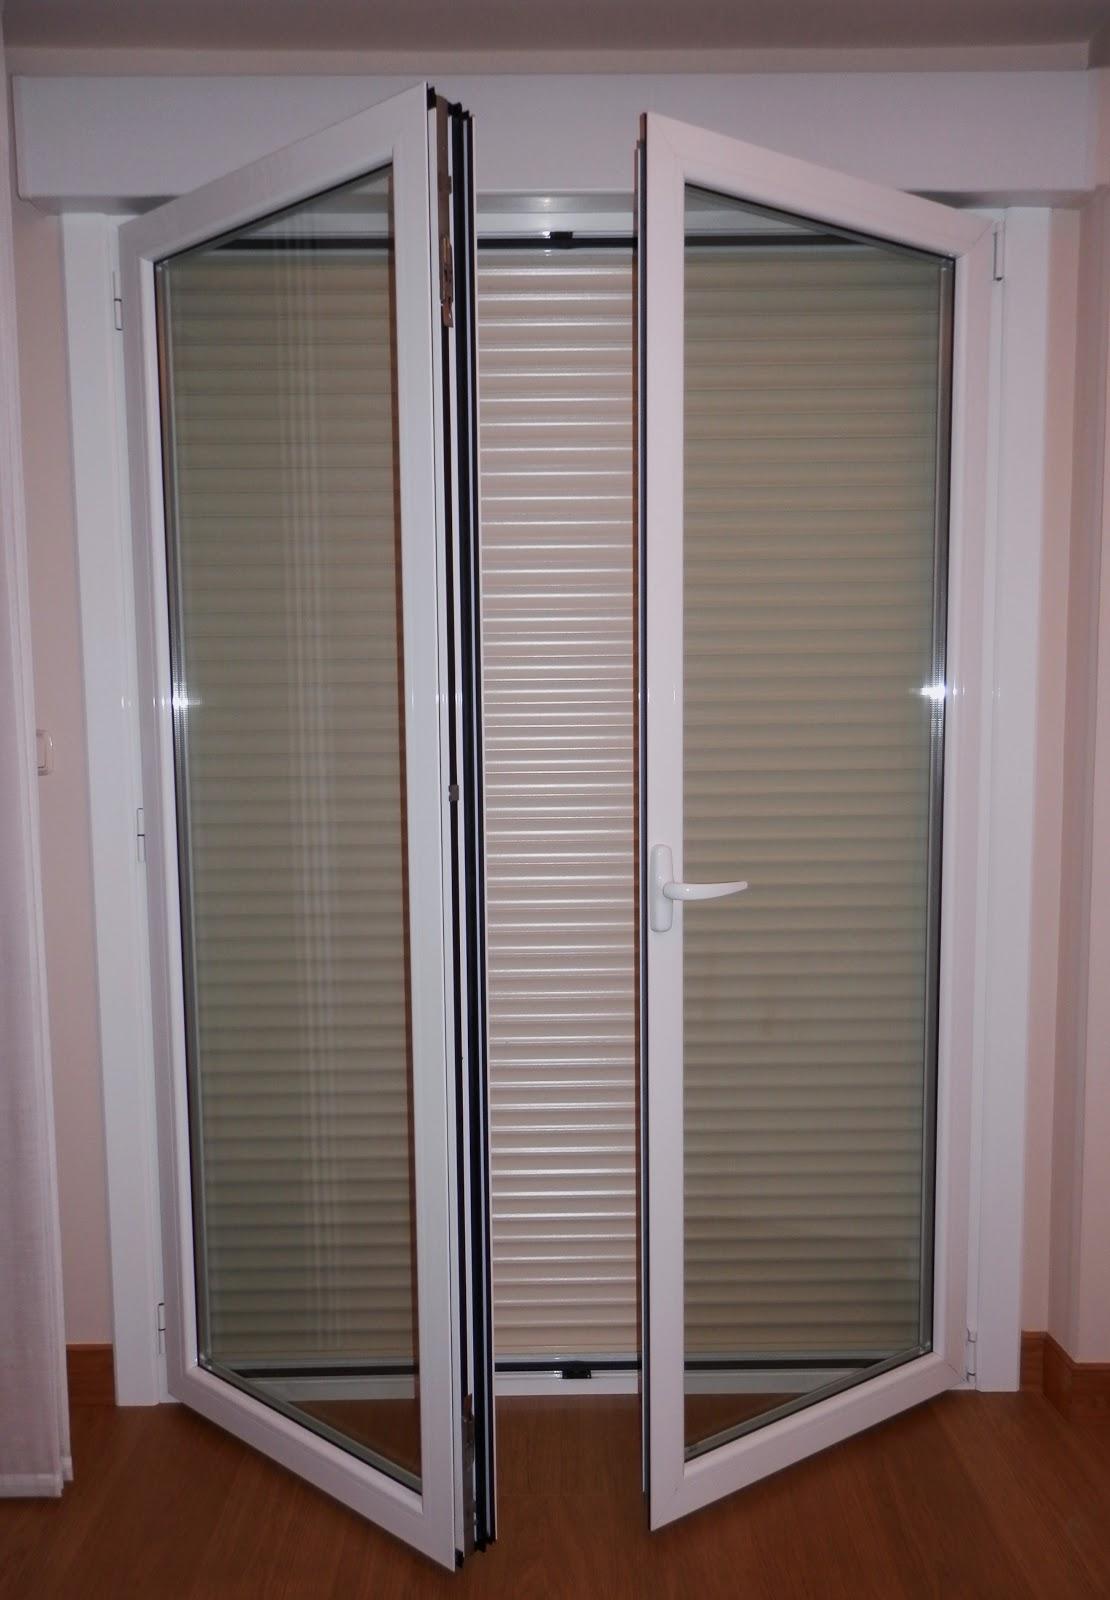 Trabajos y ocio ventana de aluminio rpt for Cristal climalit